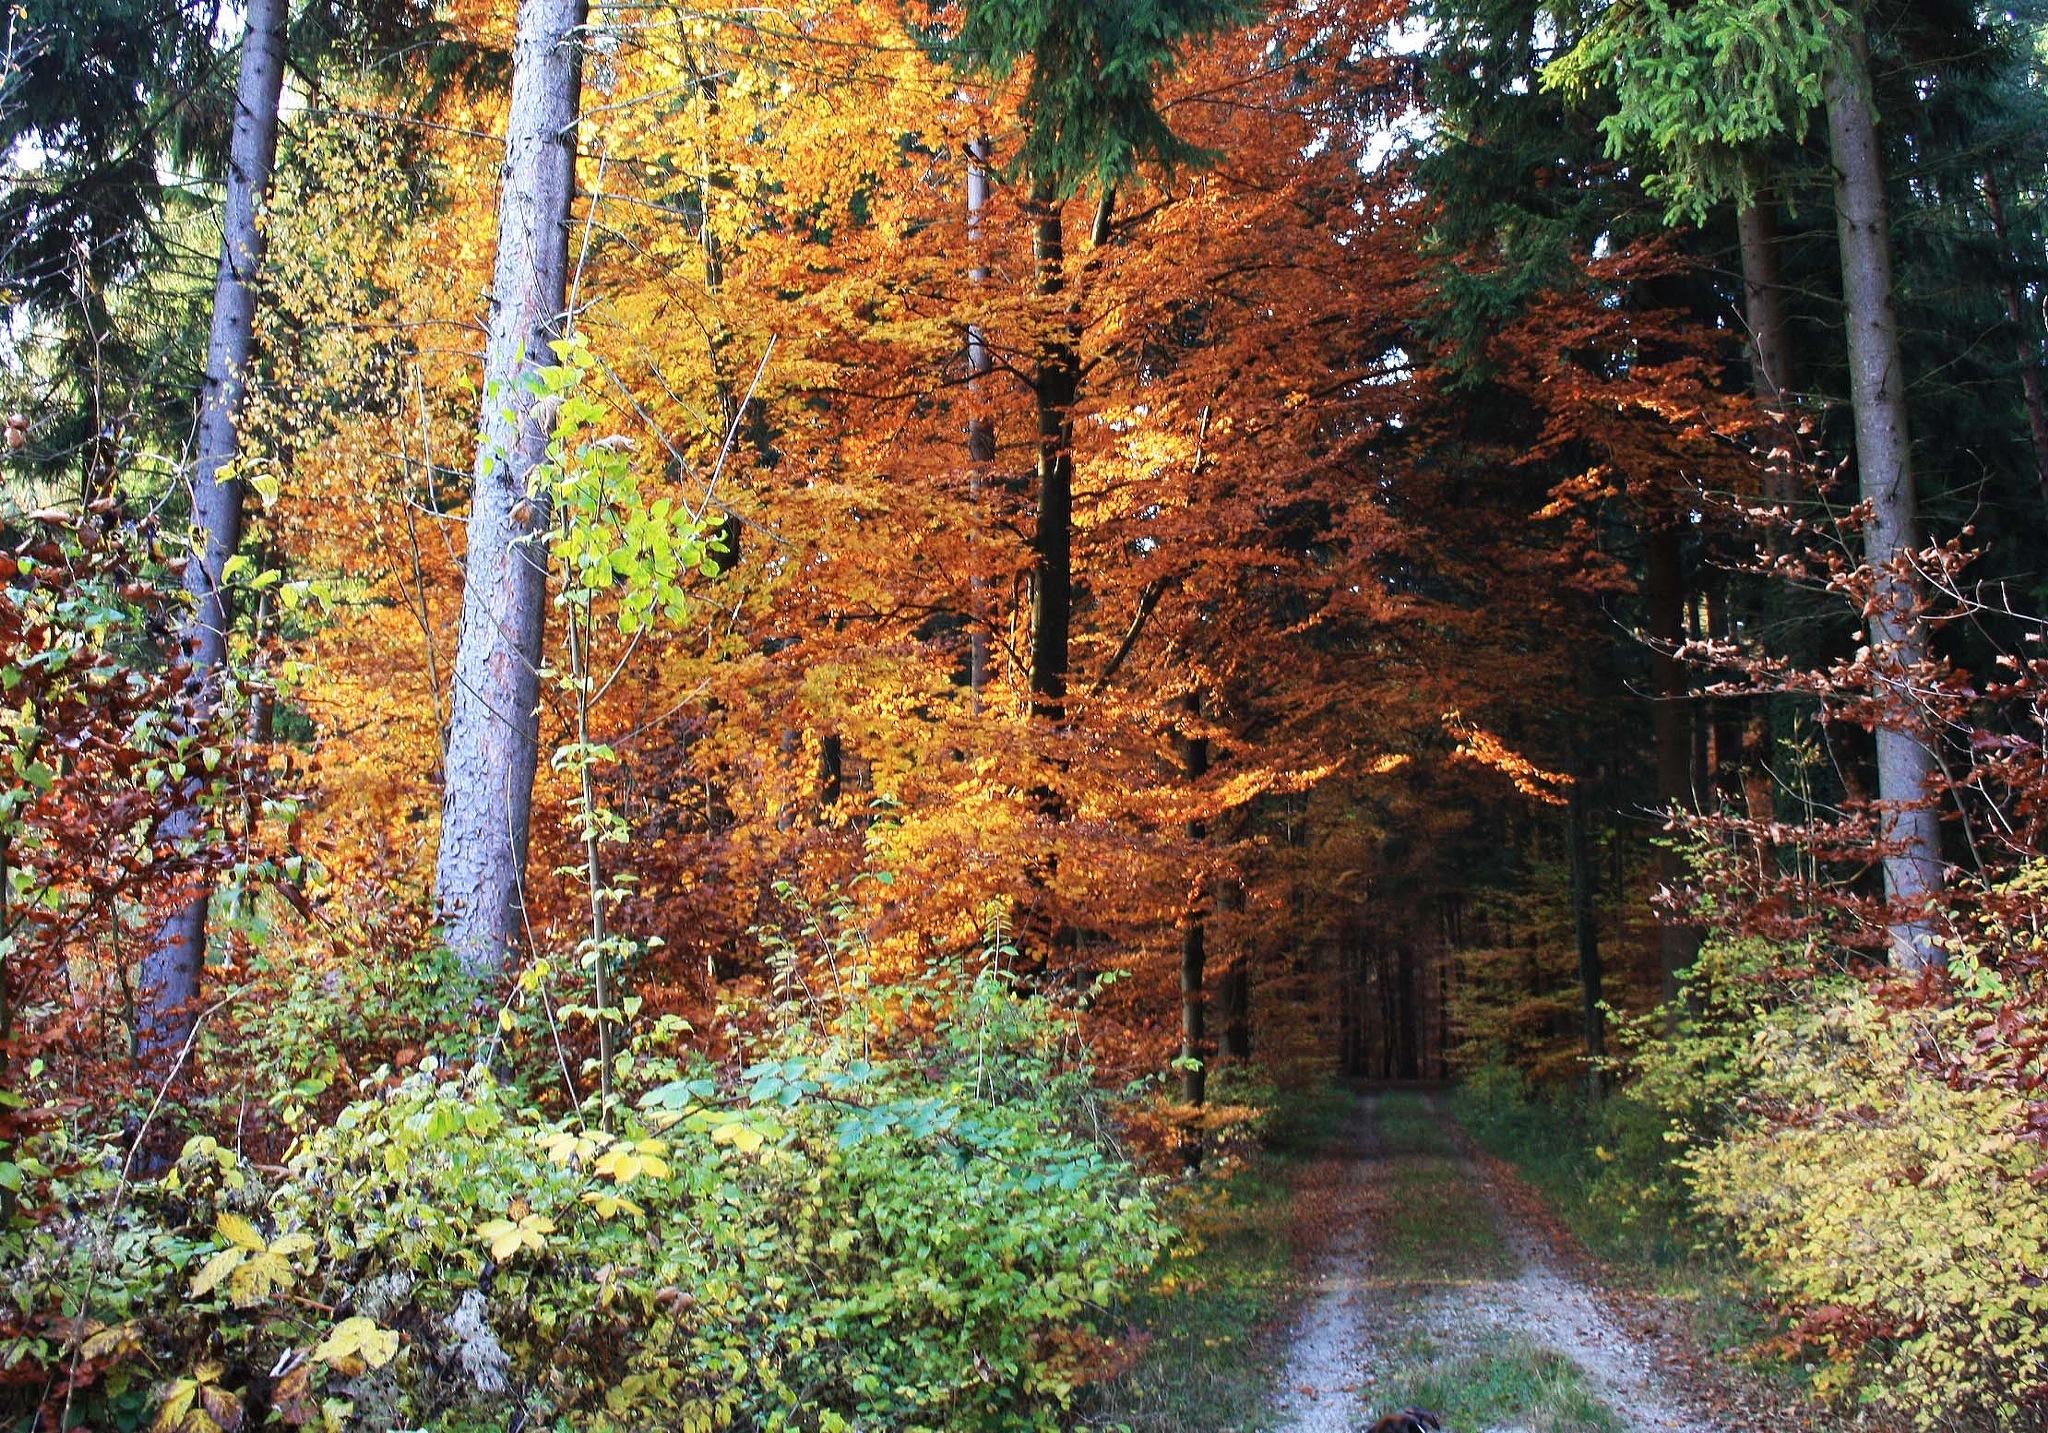 Herbst by Jean P. Mundorff